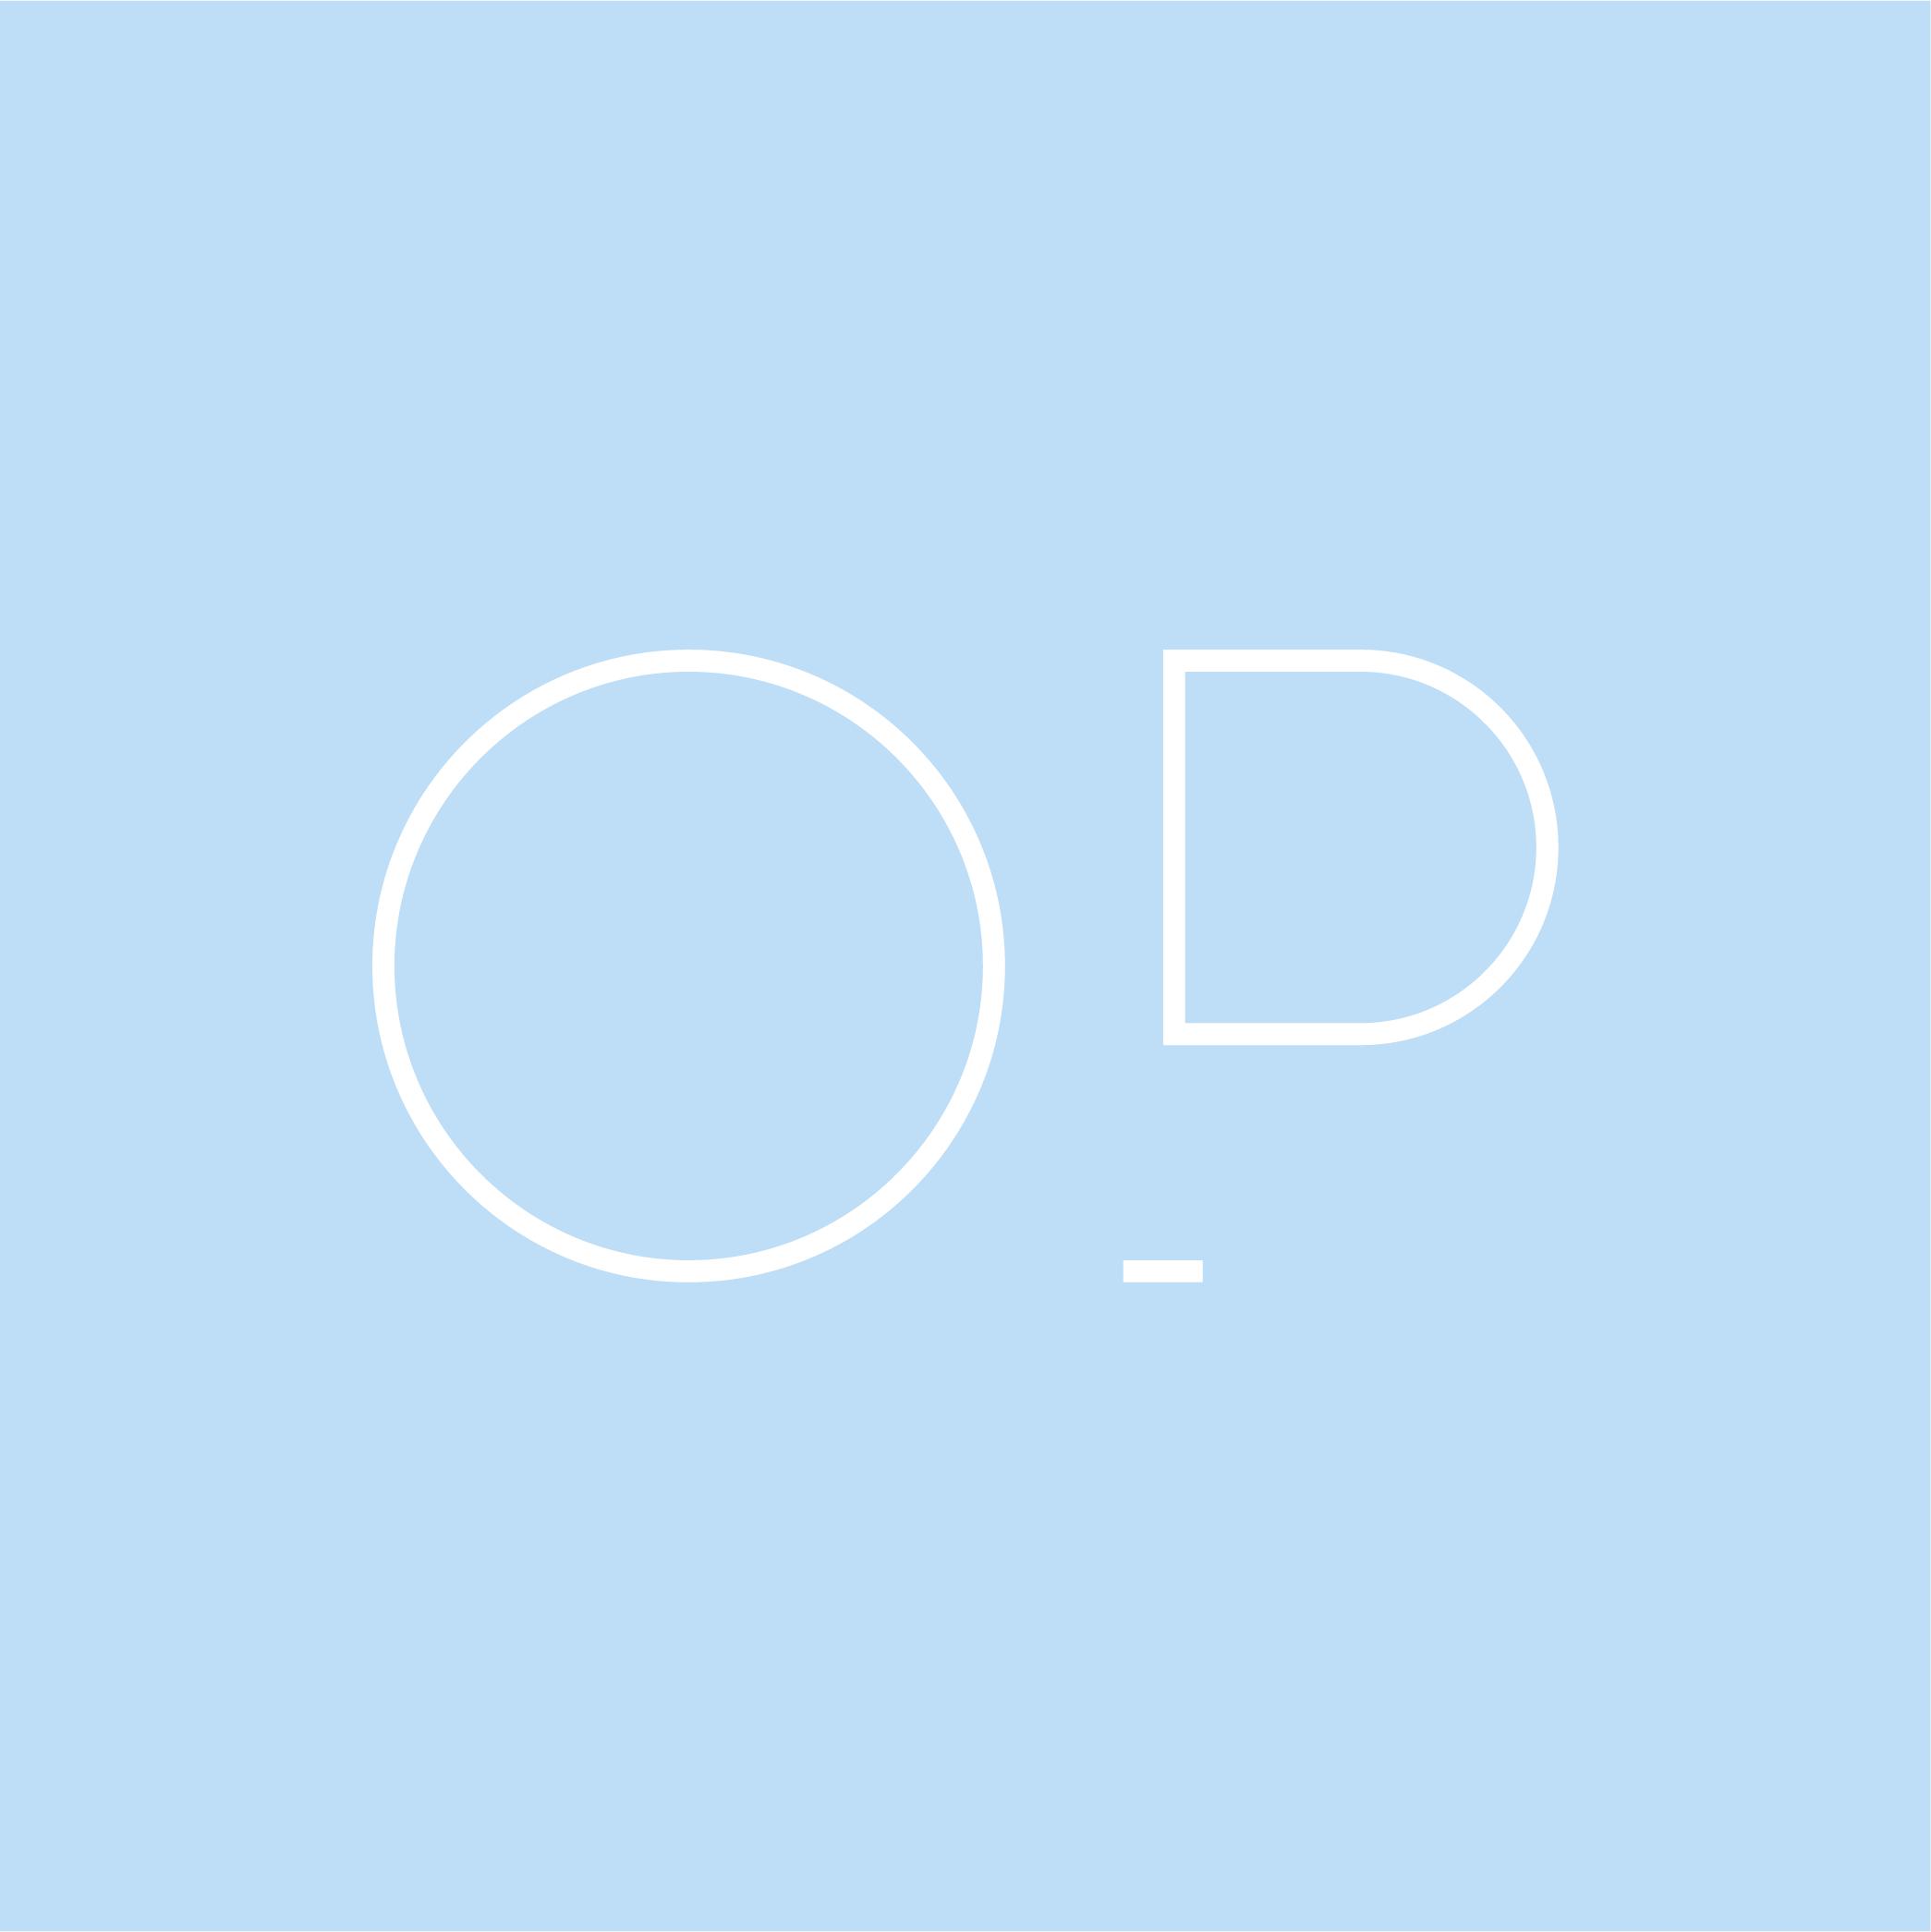 logo for website 2.png